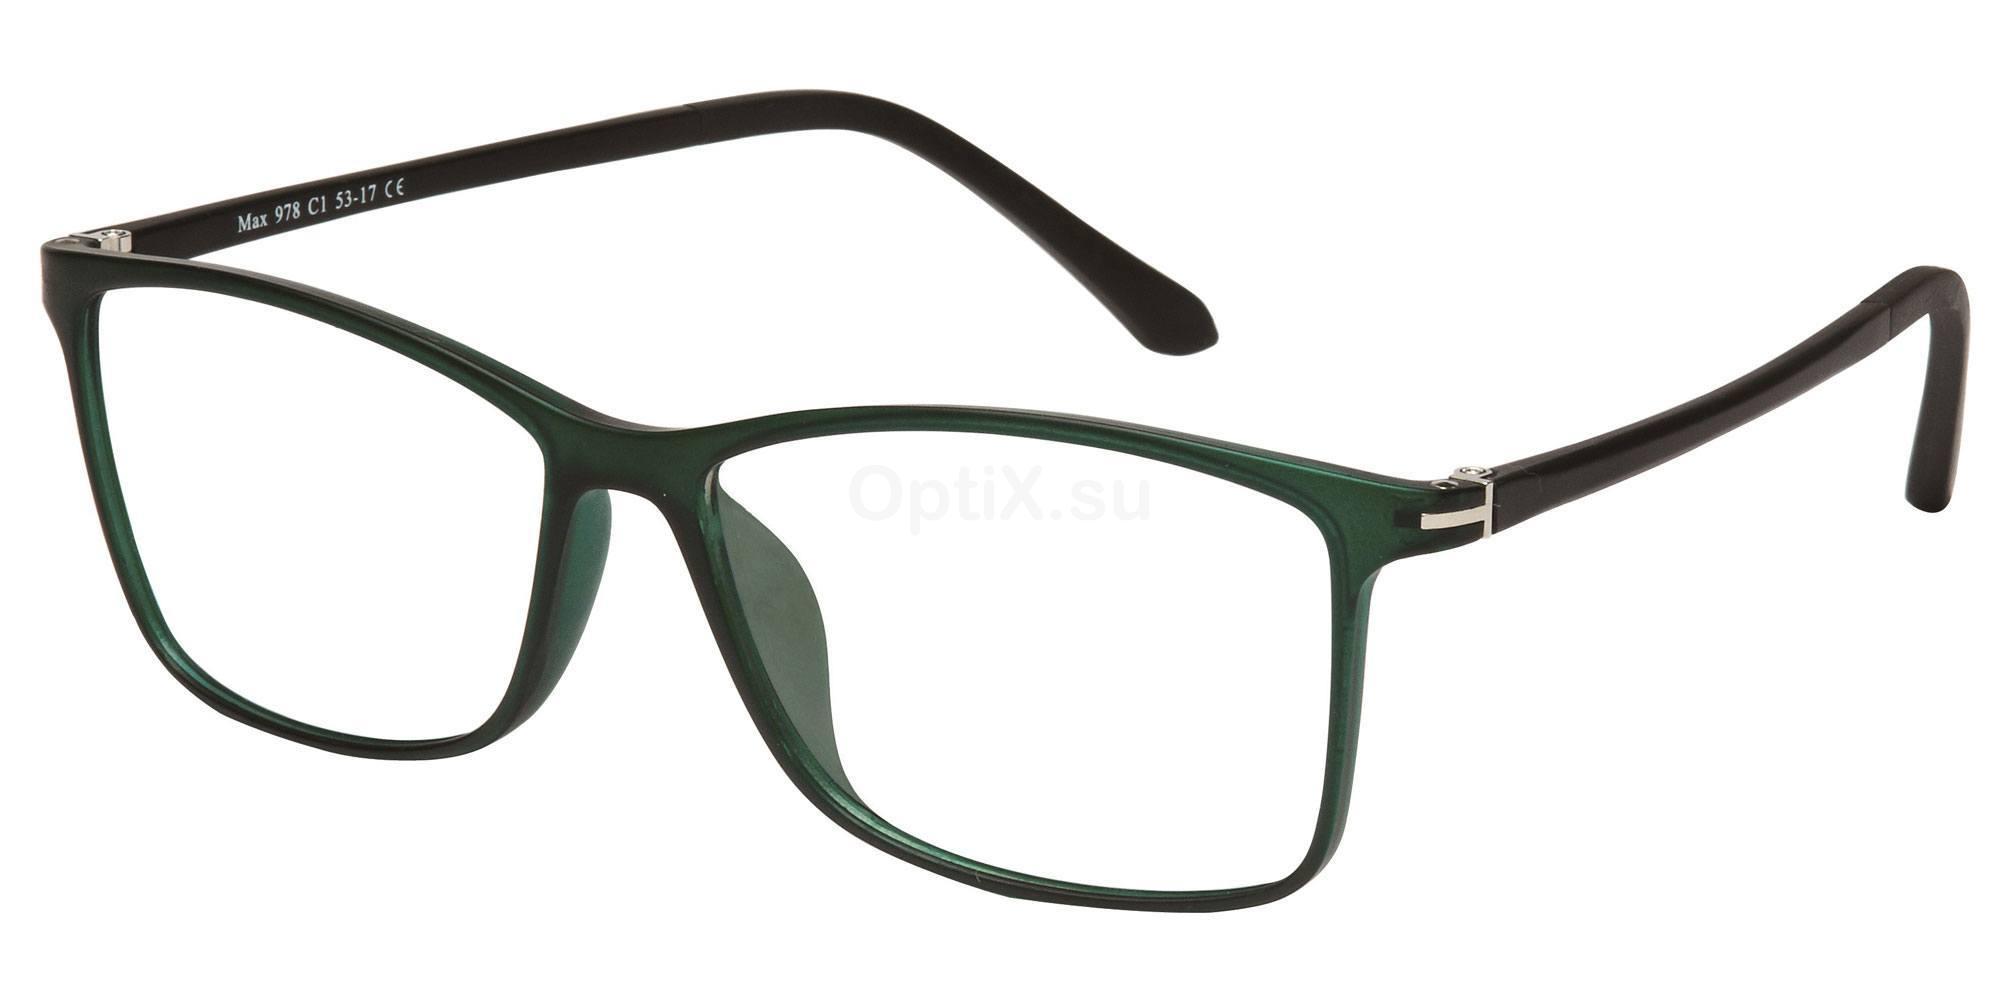 C1 M978 , Max Eyewear